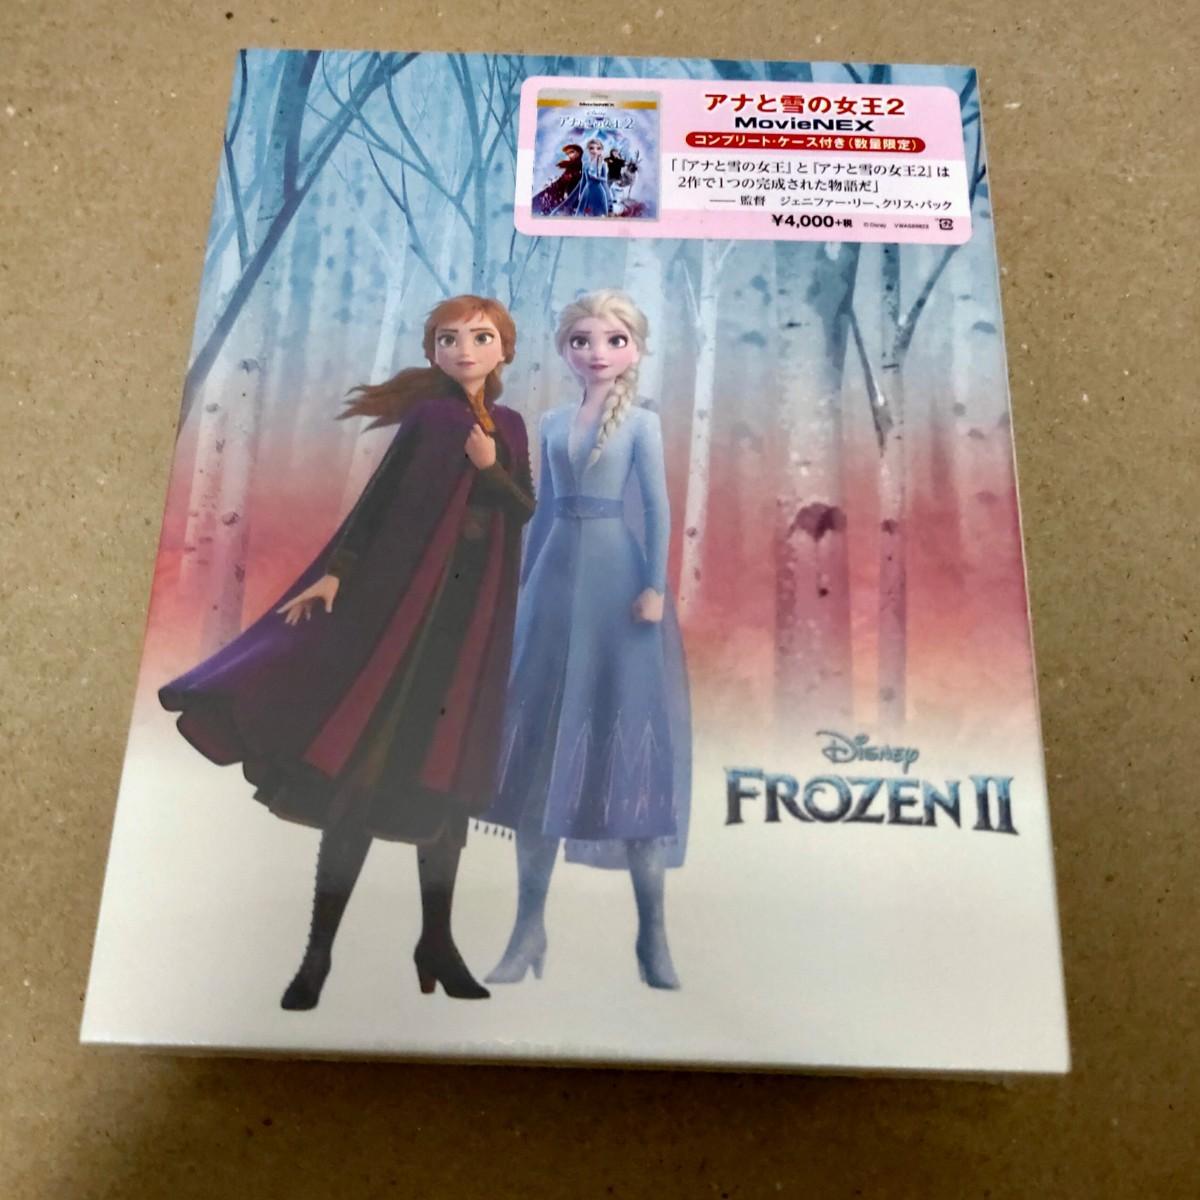 未開封  アナと雪の女王 2  MovieNEX 2枚組  数量限定  ディズニー 映画